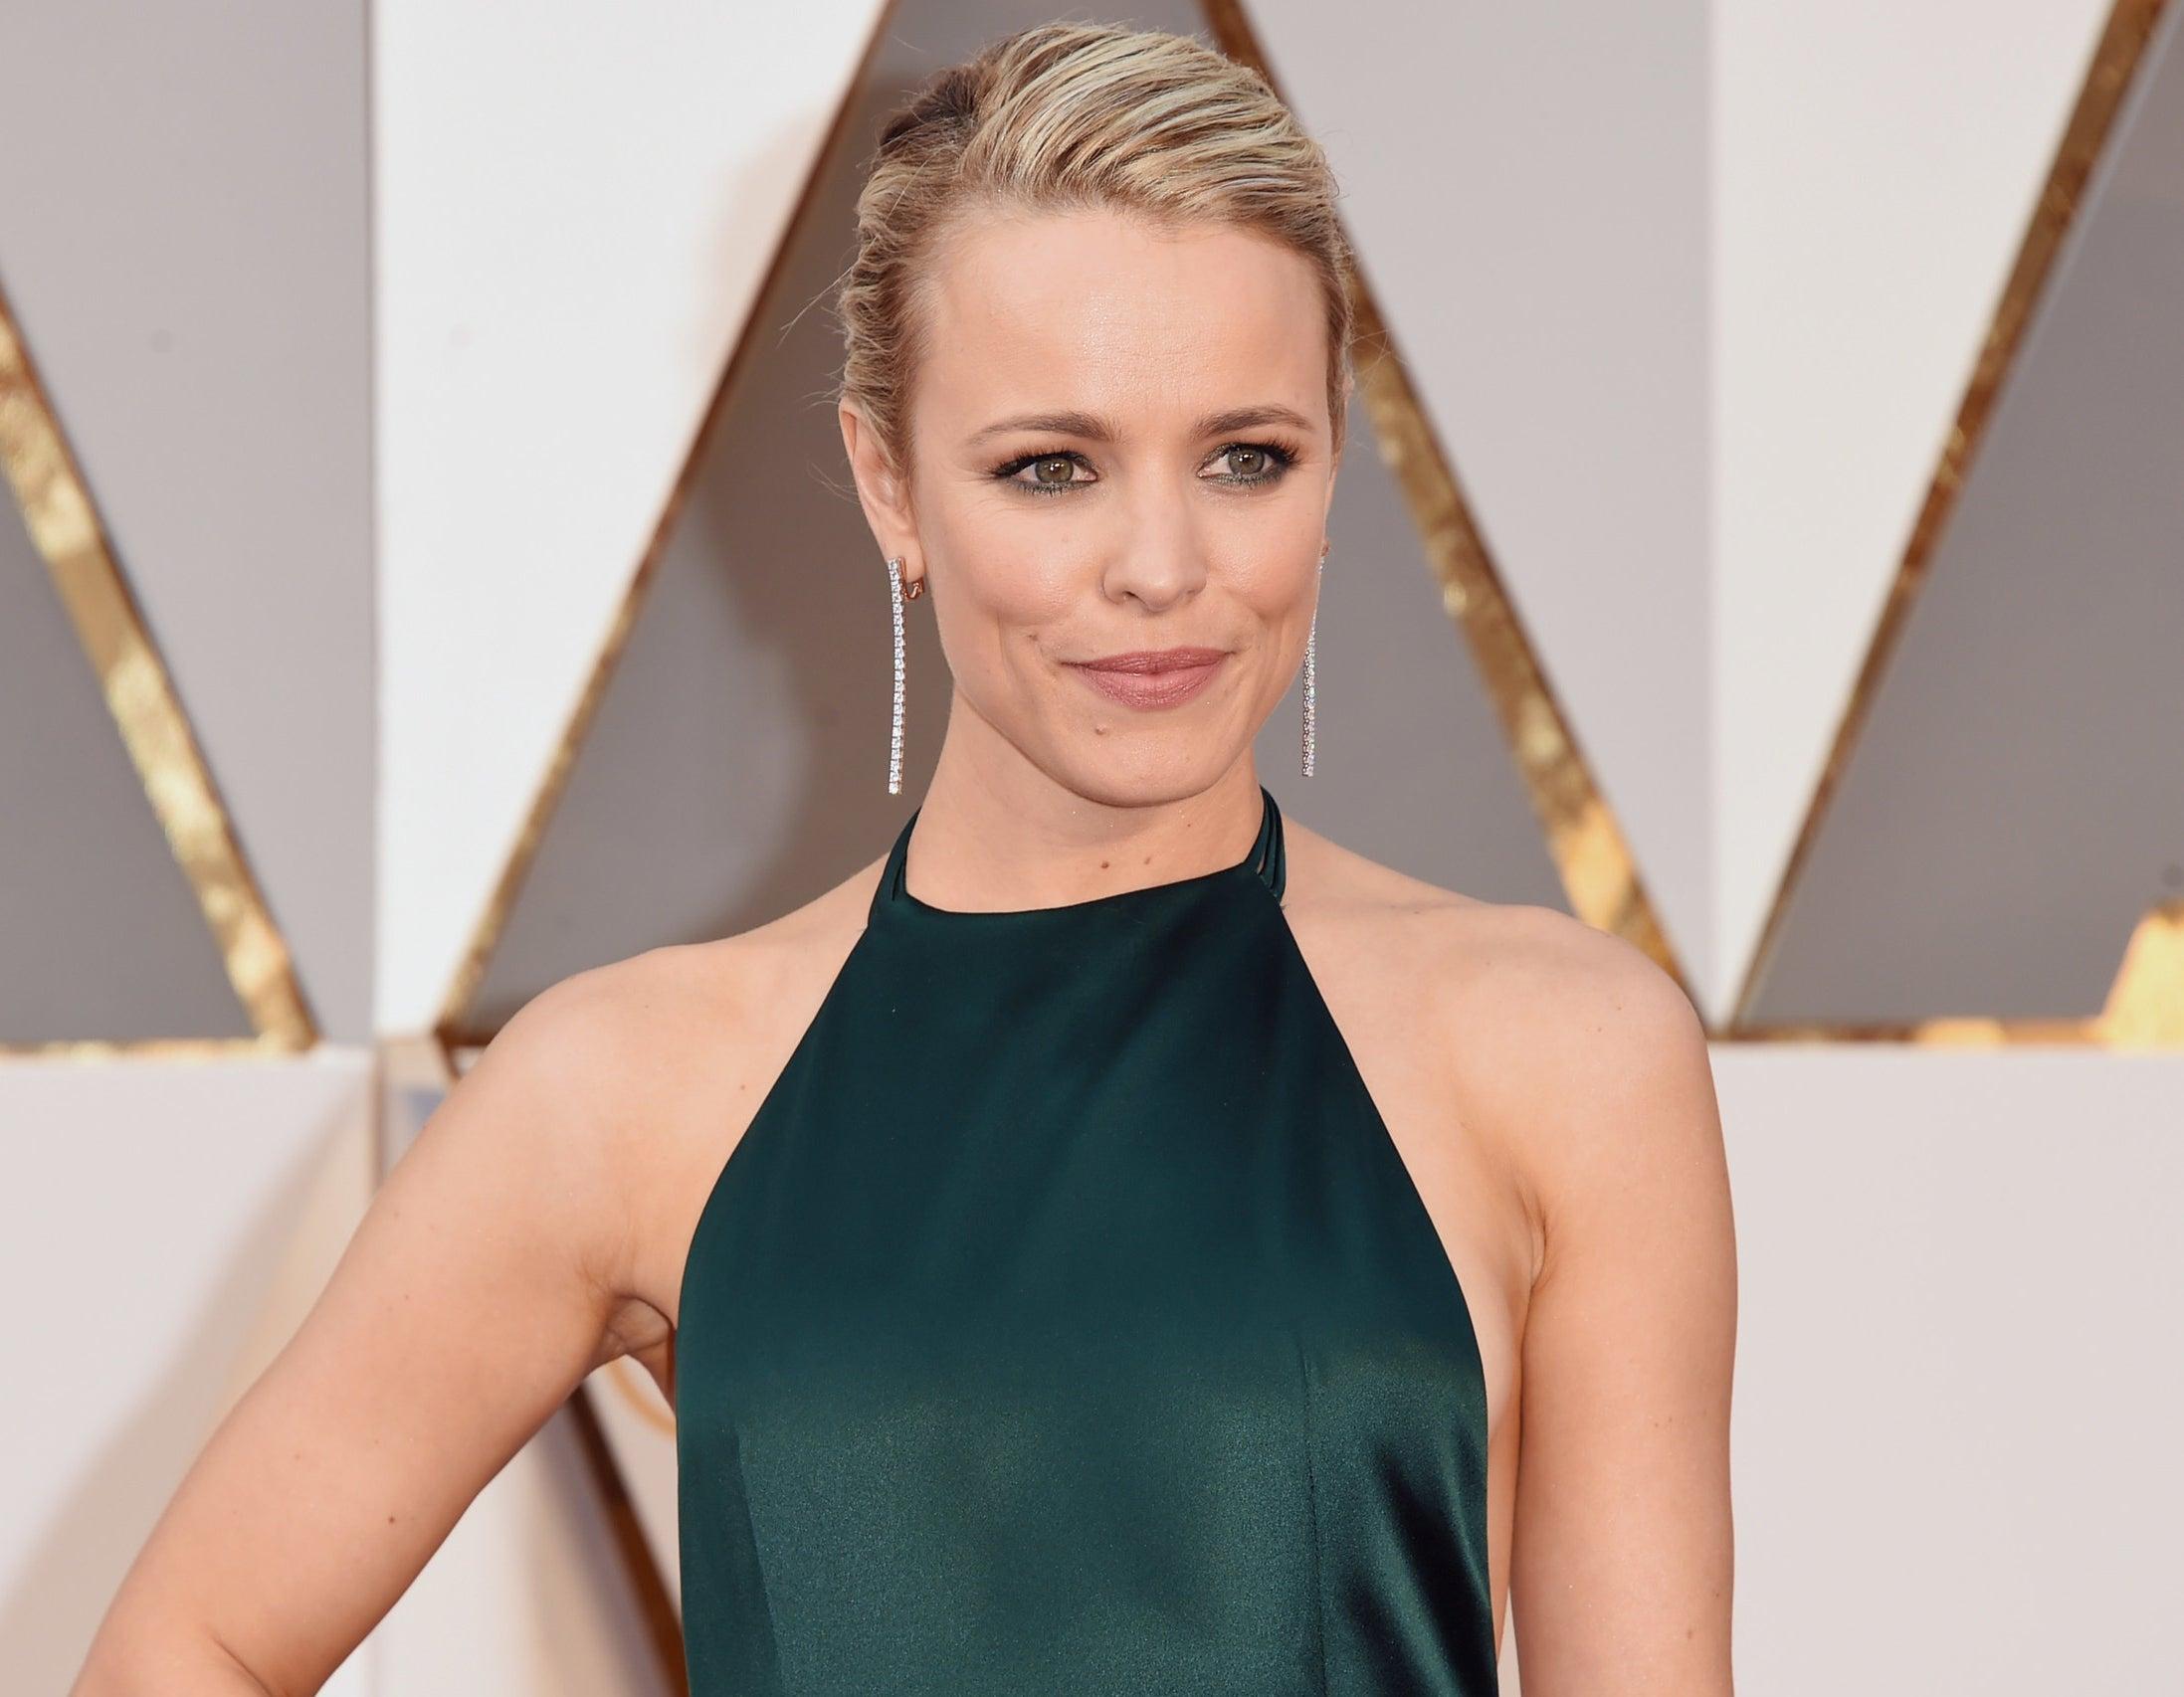 Rachel wears an emerald green halter dress to an event